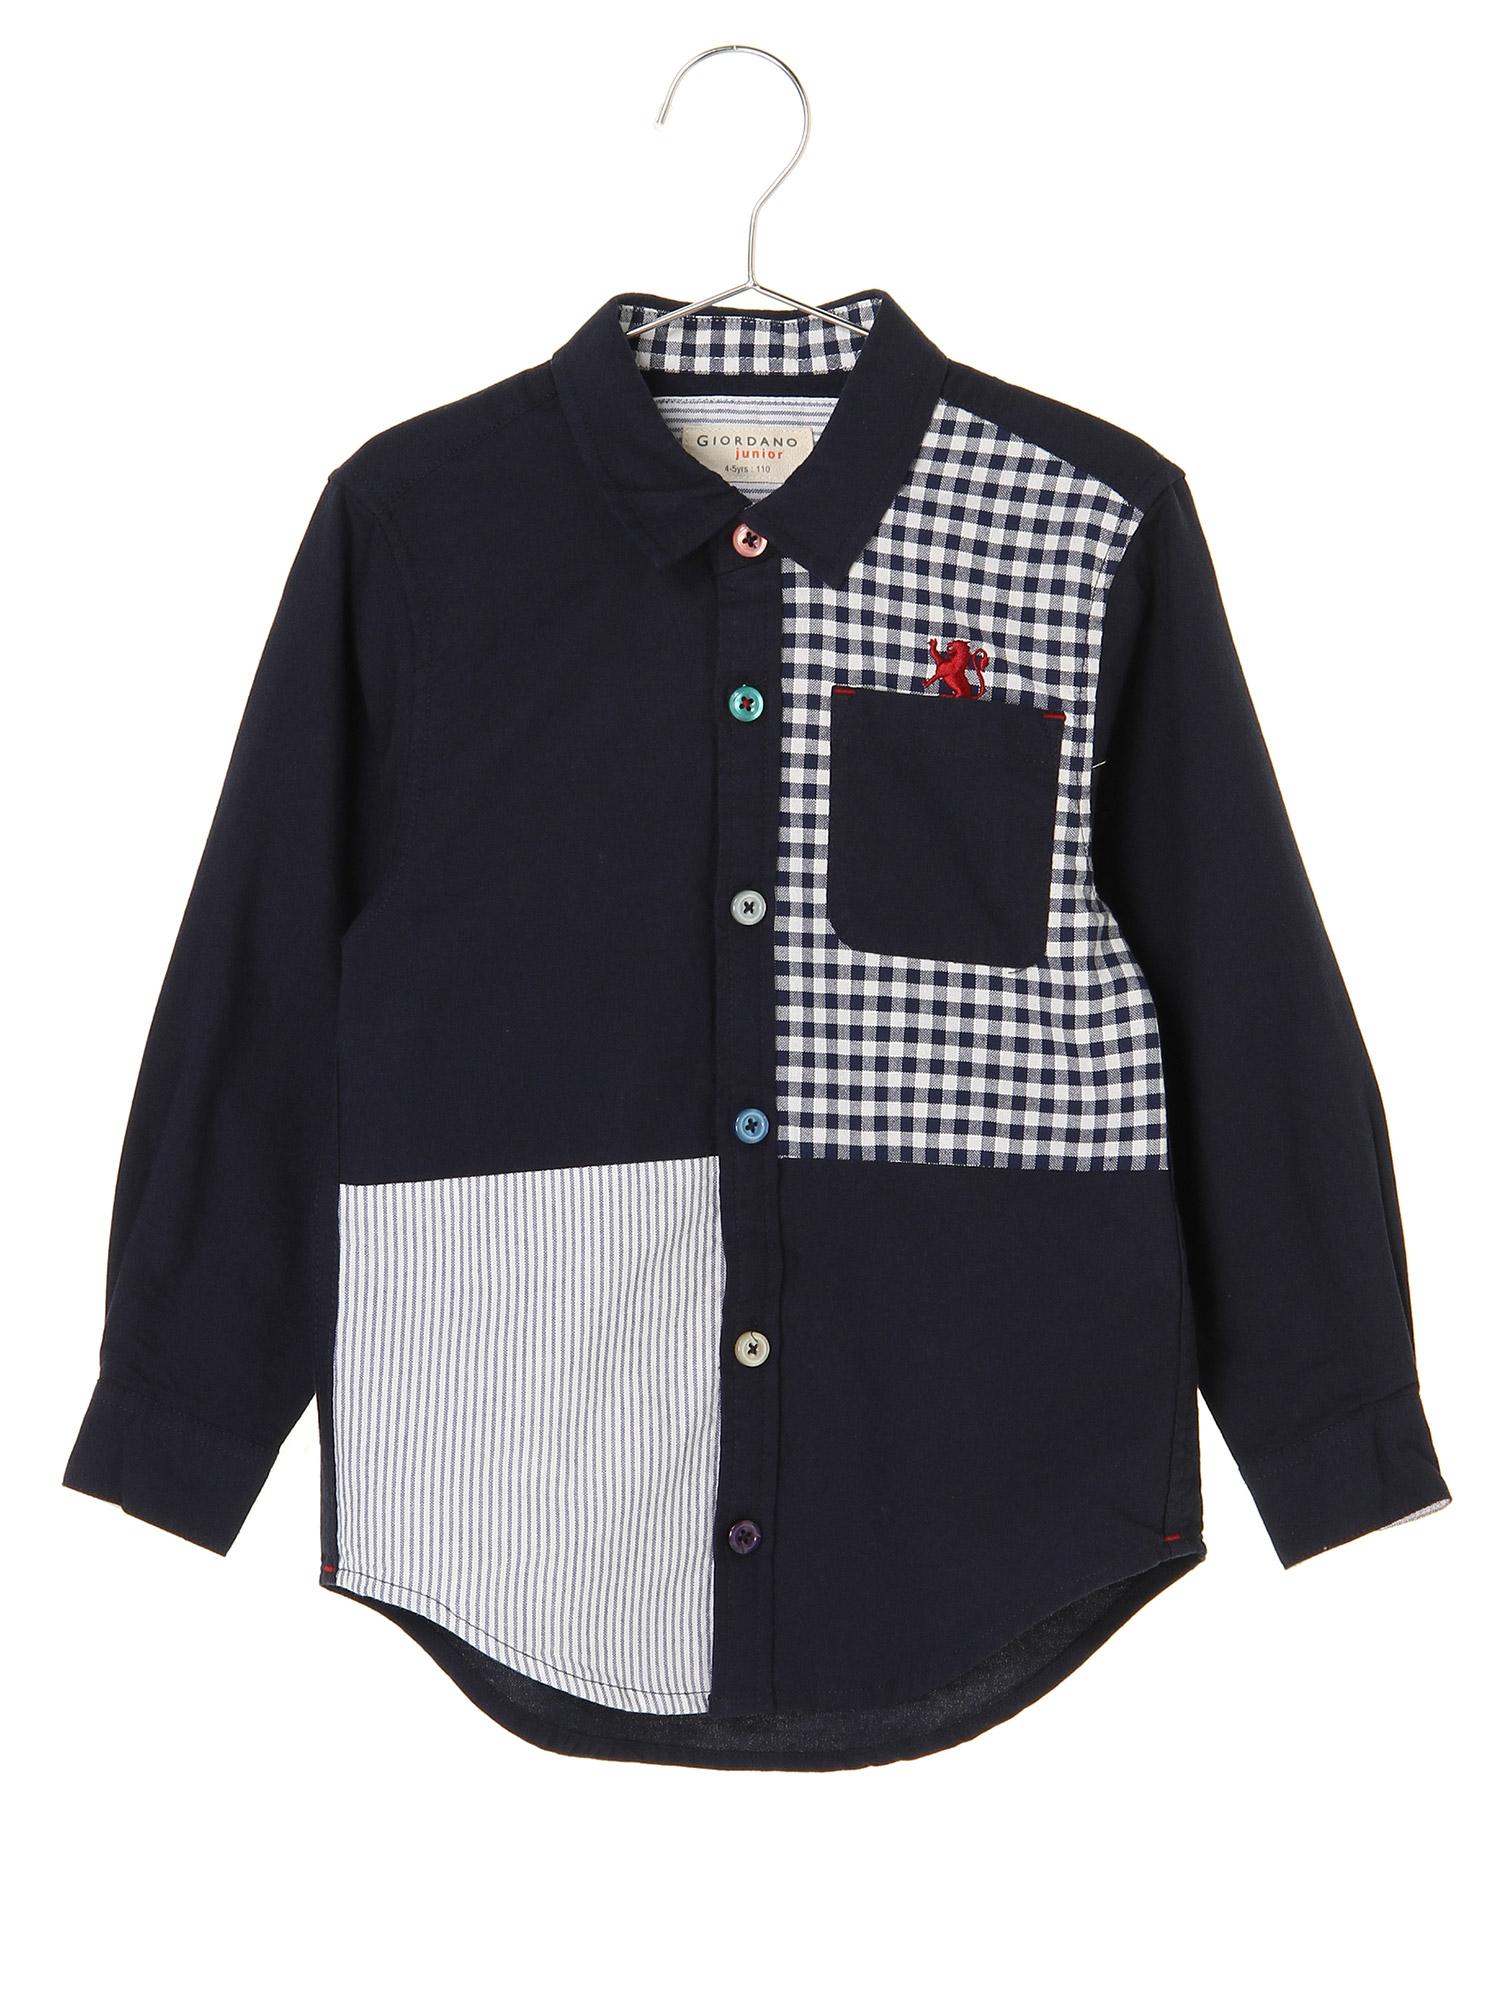 [12/28まで限定価格]ライオン刺繍ブロッキングデザインオックスフォードシャツ